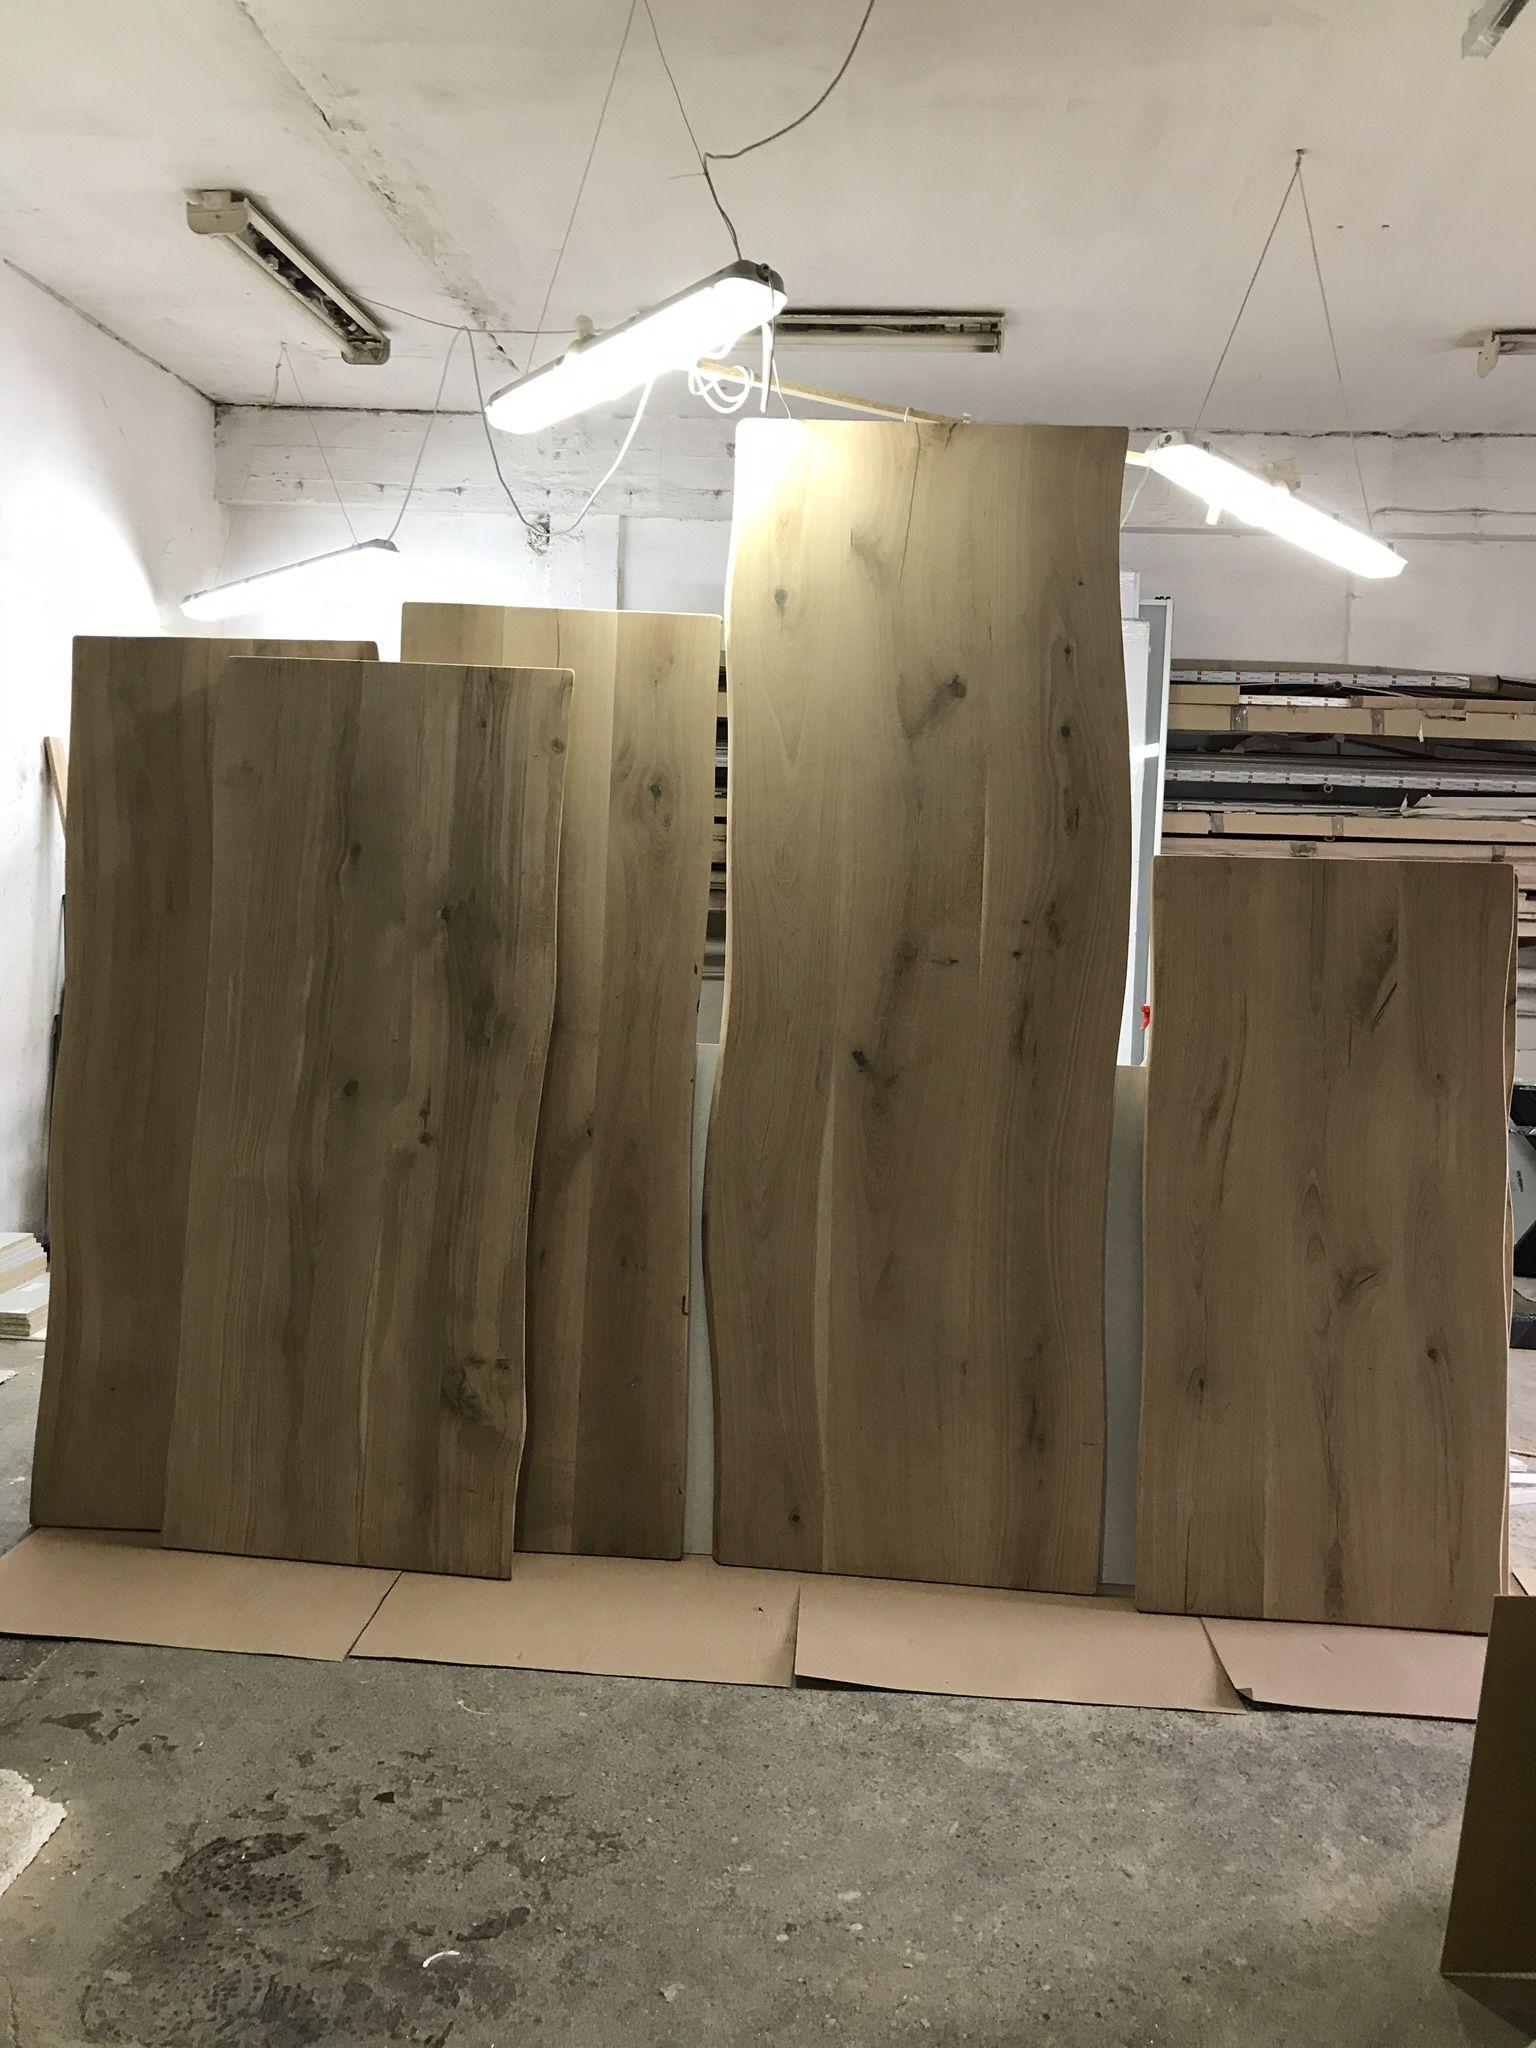 Massive Eichenholz Arbeitsplatten Auf Wunsch Des Kunden Bereiten Wir Arbeitsplatten Vor Tischplattenbreite 70 90 Cm Die Lange Der Tischplatte Kann Zwischen 2